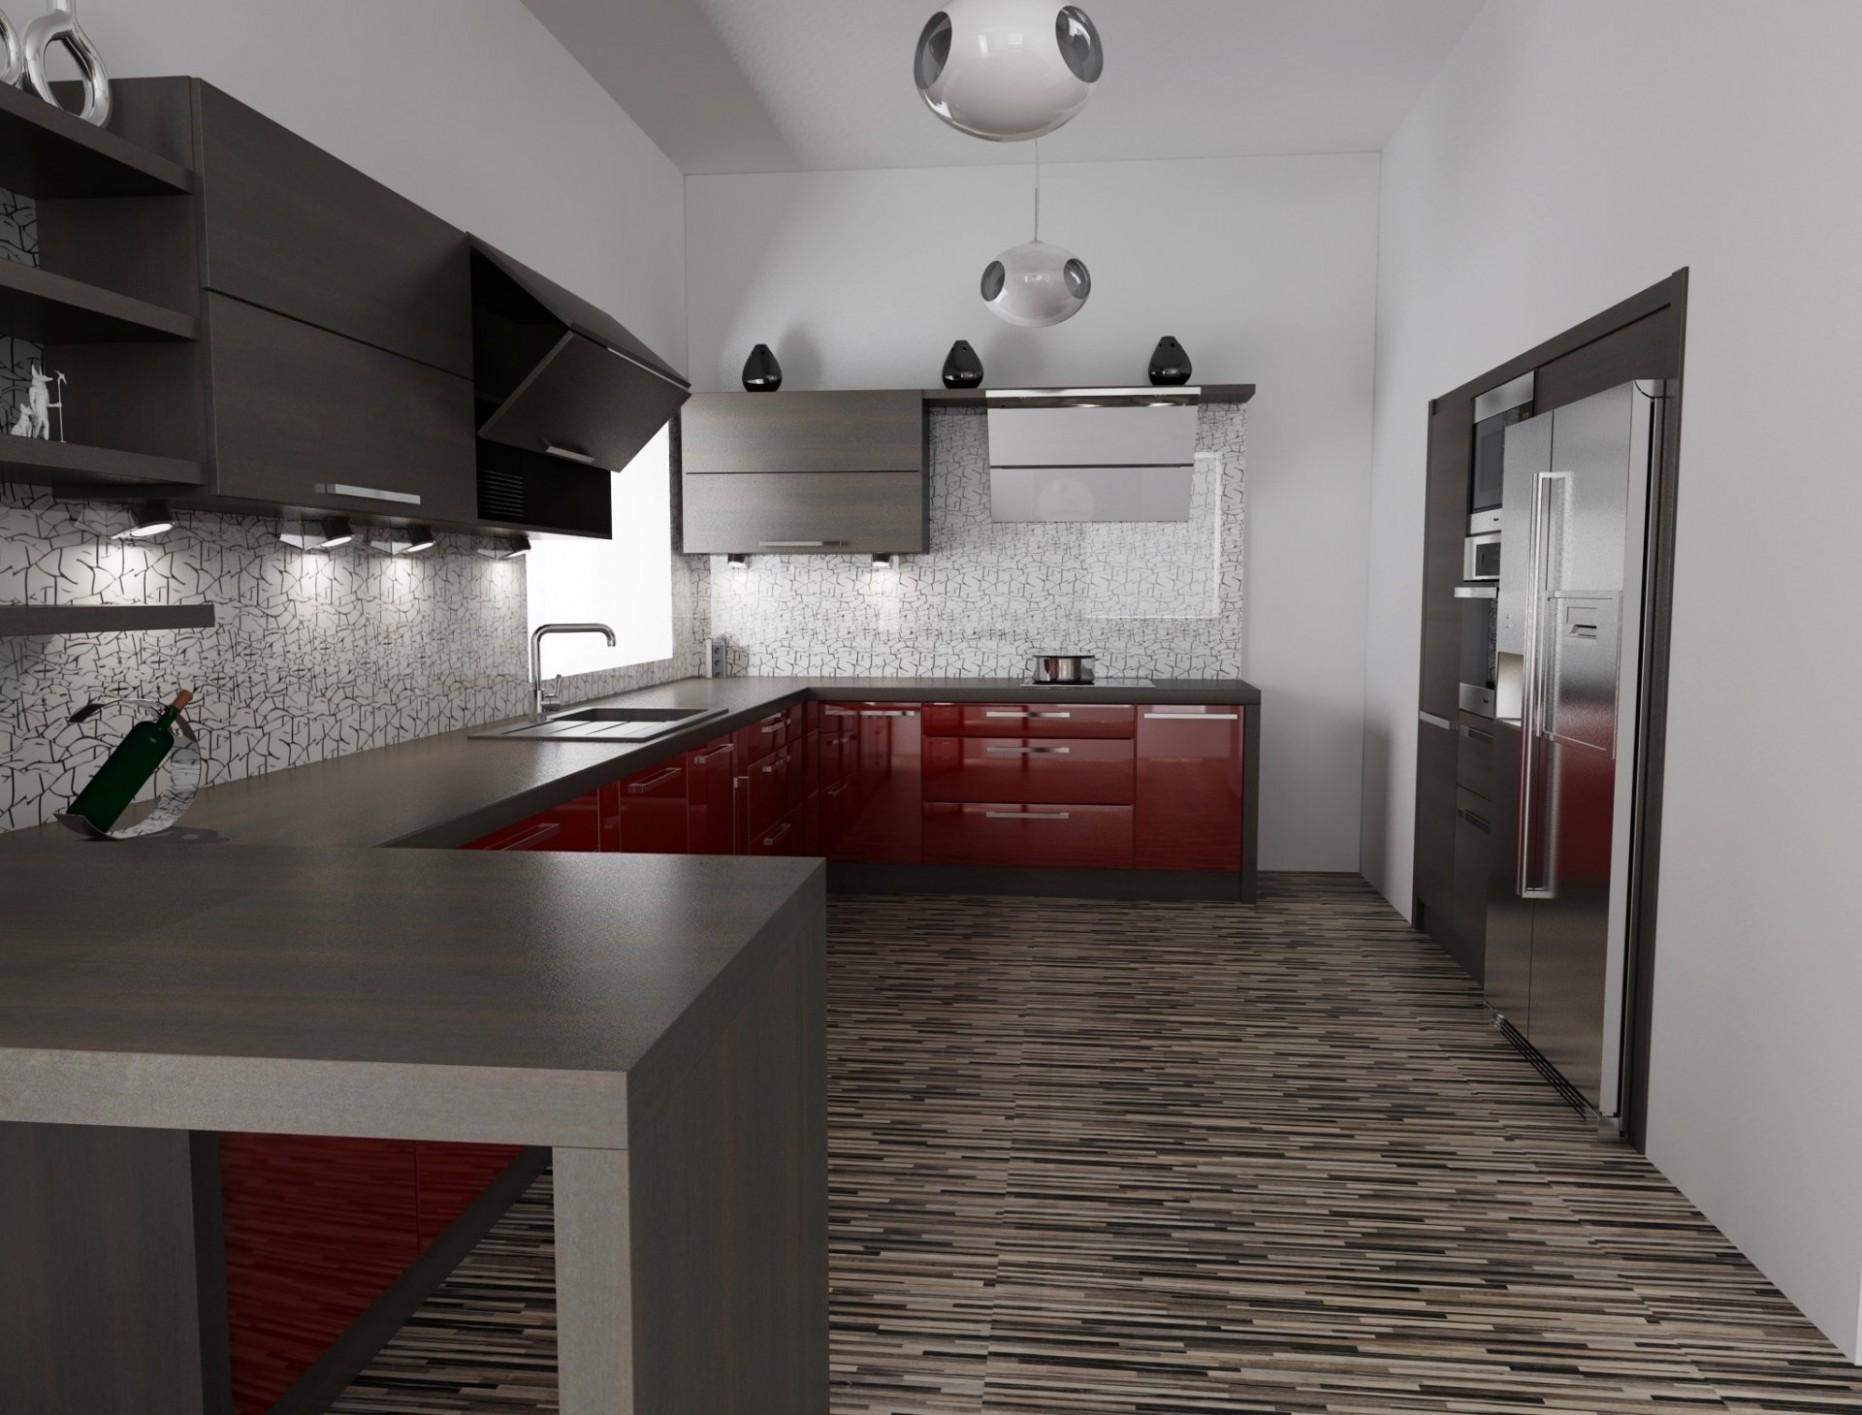 Kuchyne s Barem